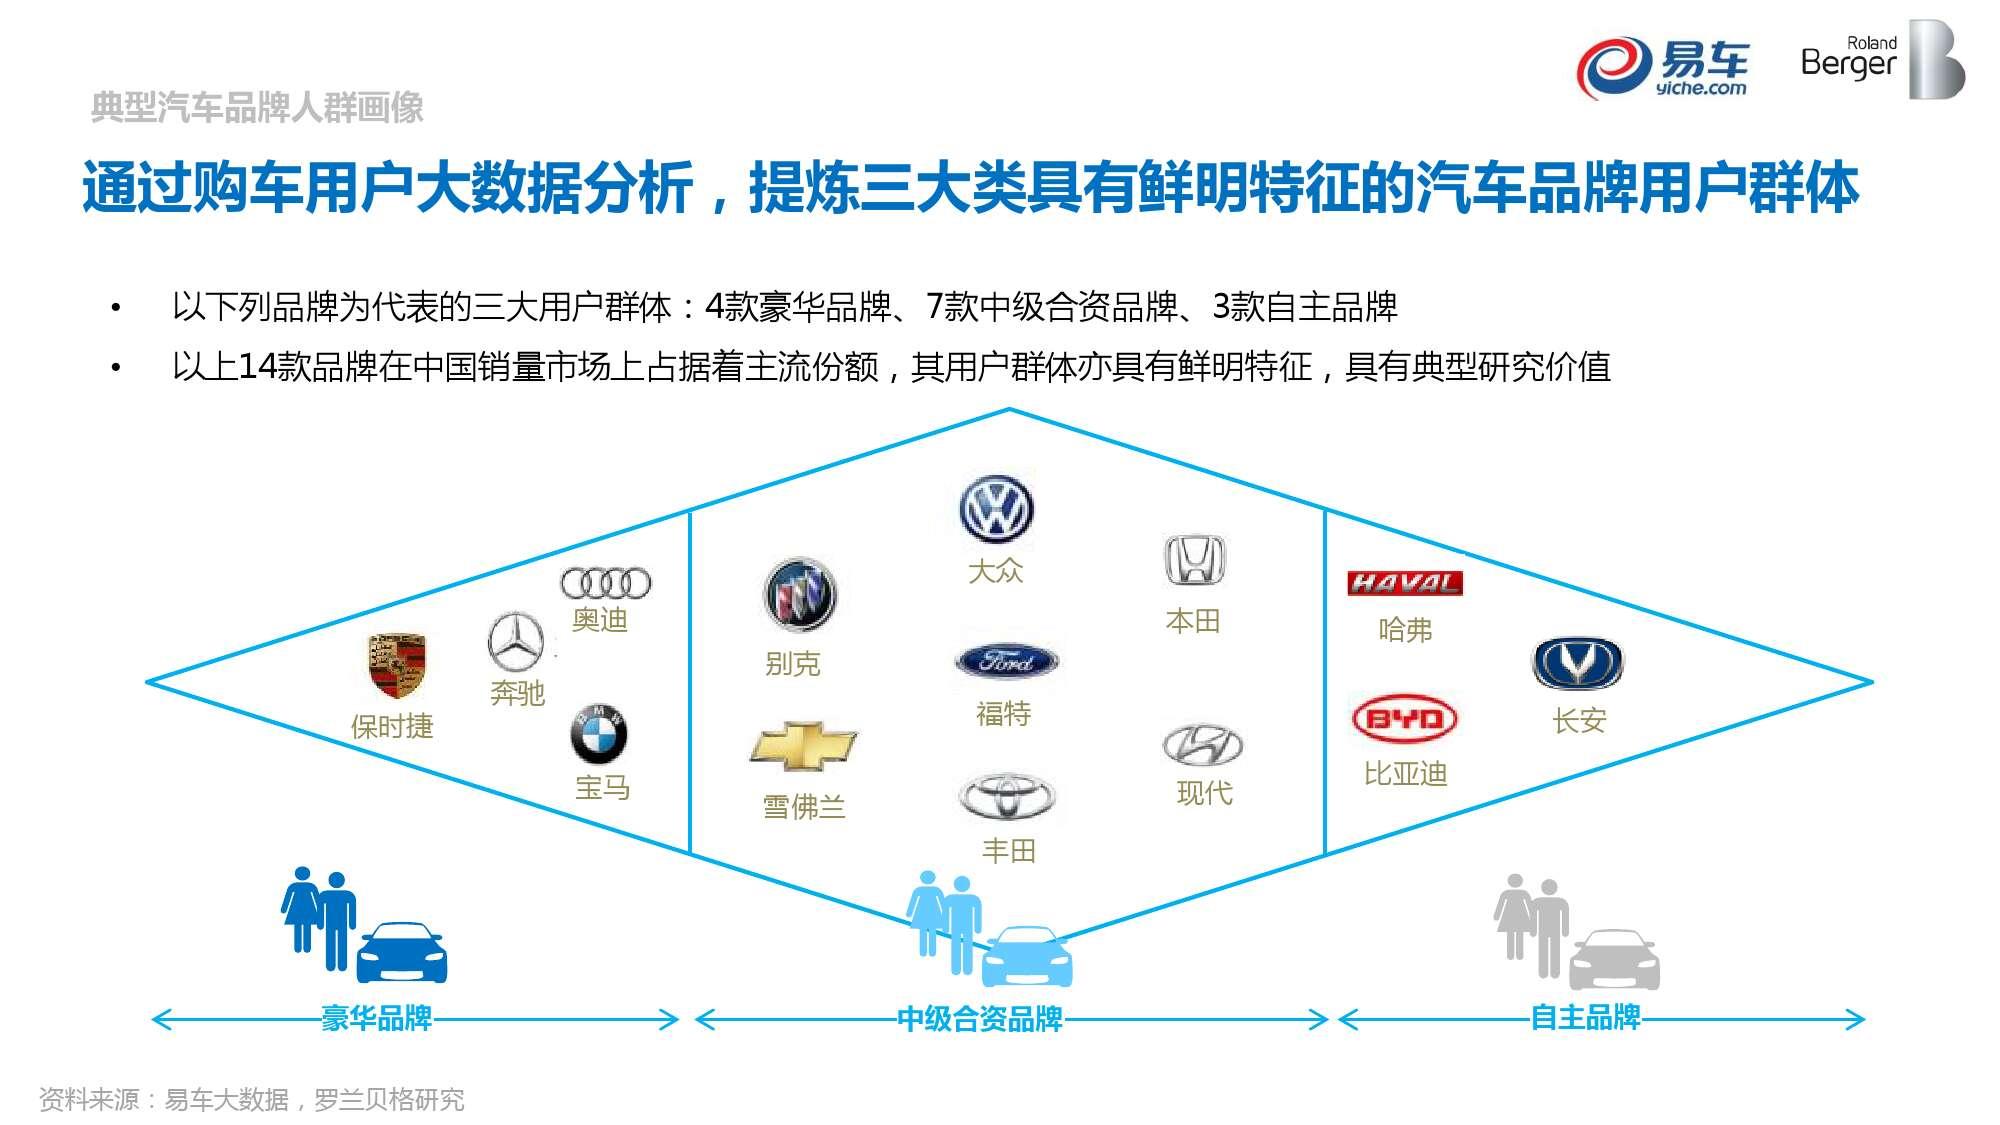 2015中国汽车消费者洞察报告_000045